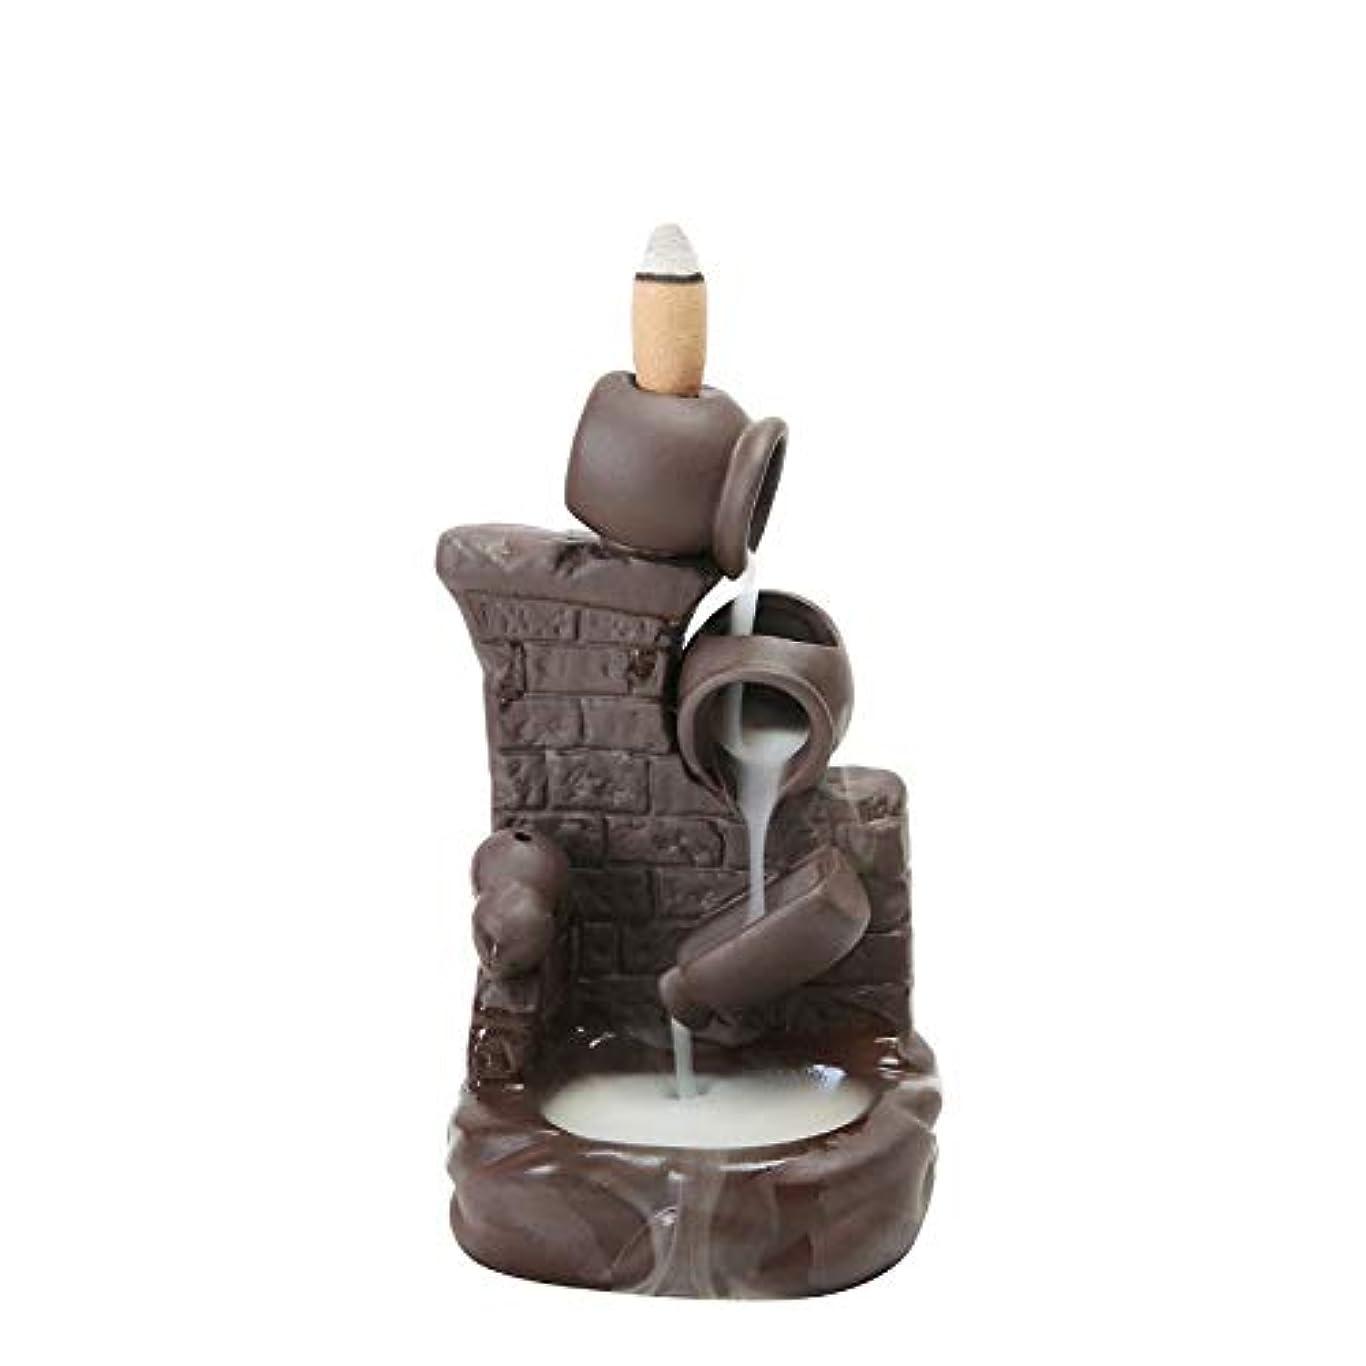 誰も広い湾(Style 6) - Gift Pro Ceramic Backflow Incense Tower Burner Statue Figurine Incense Holder Incenses Not Included...